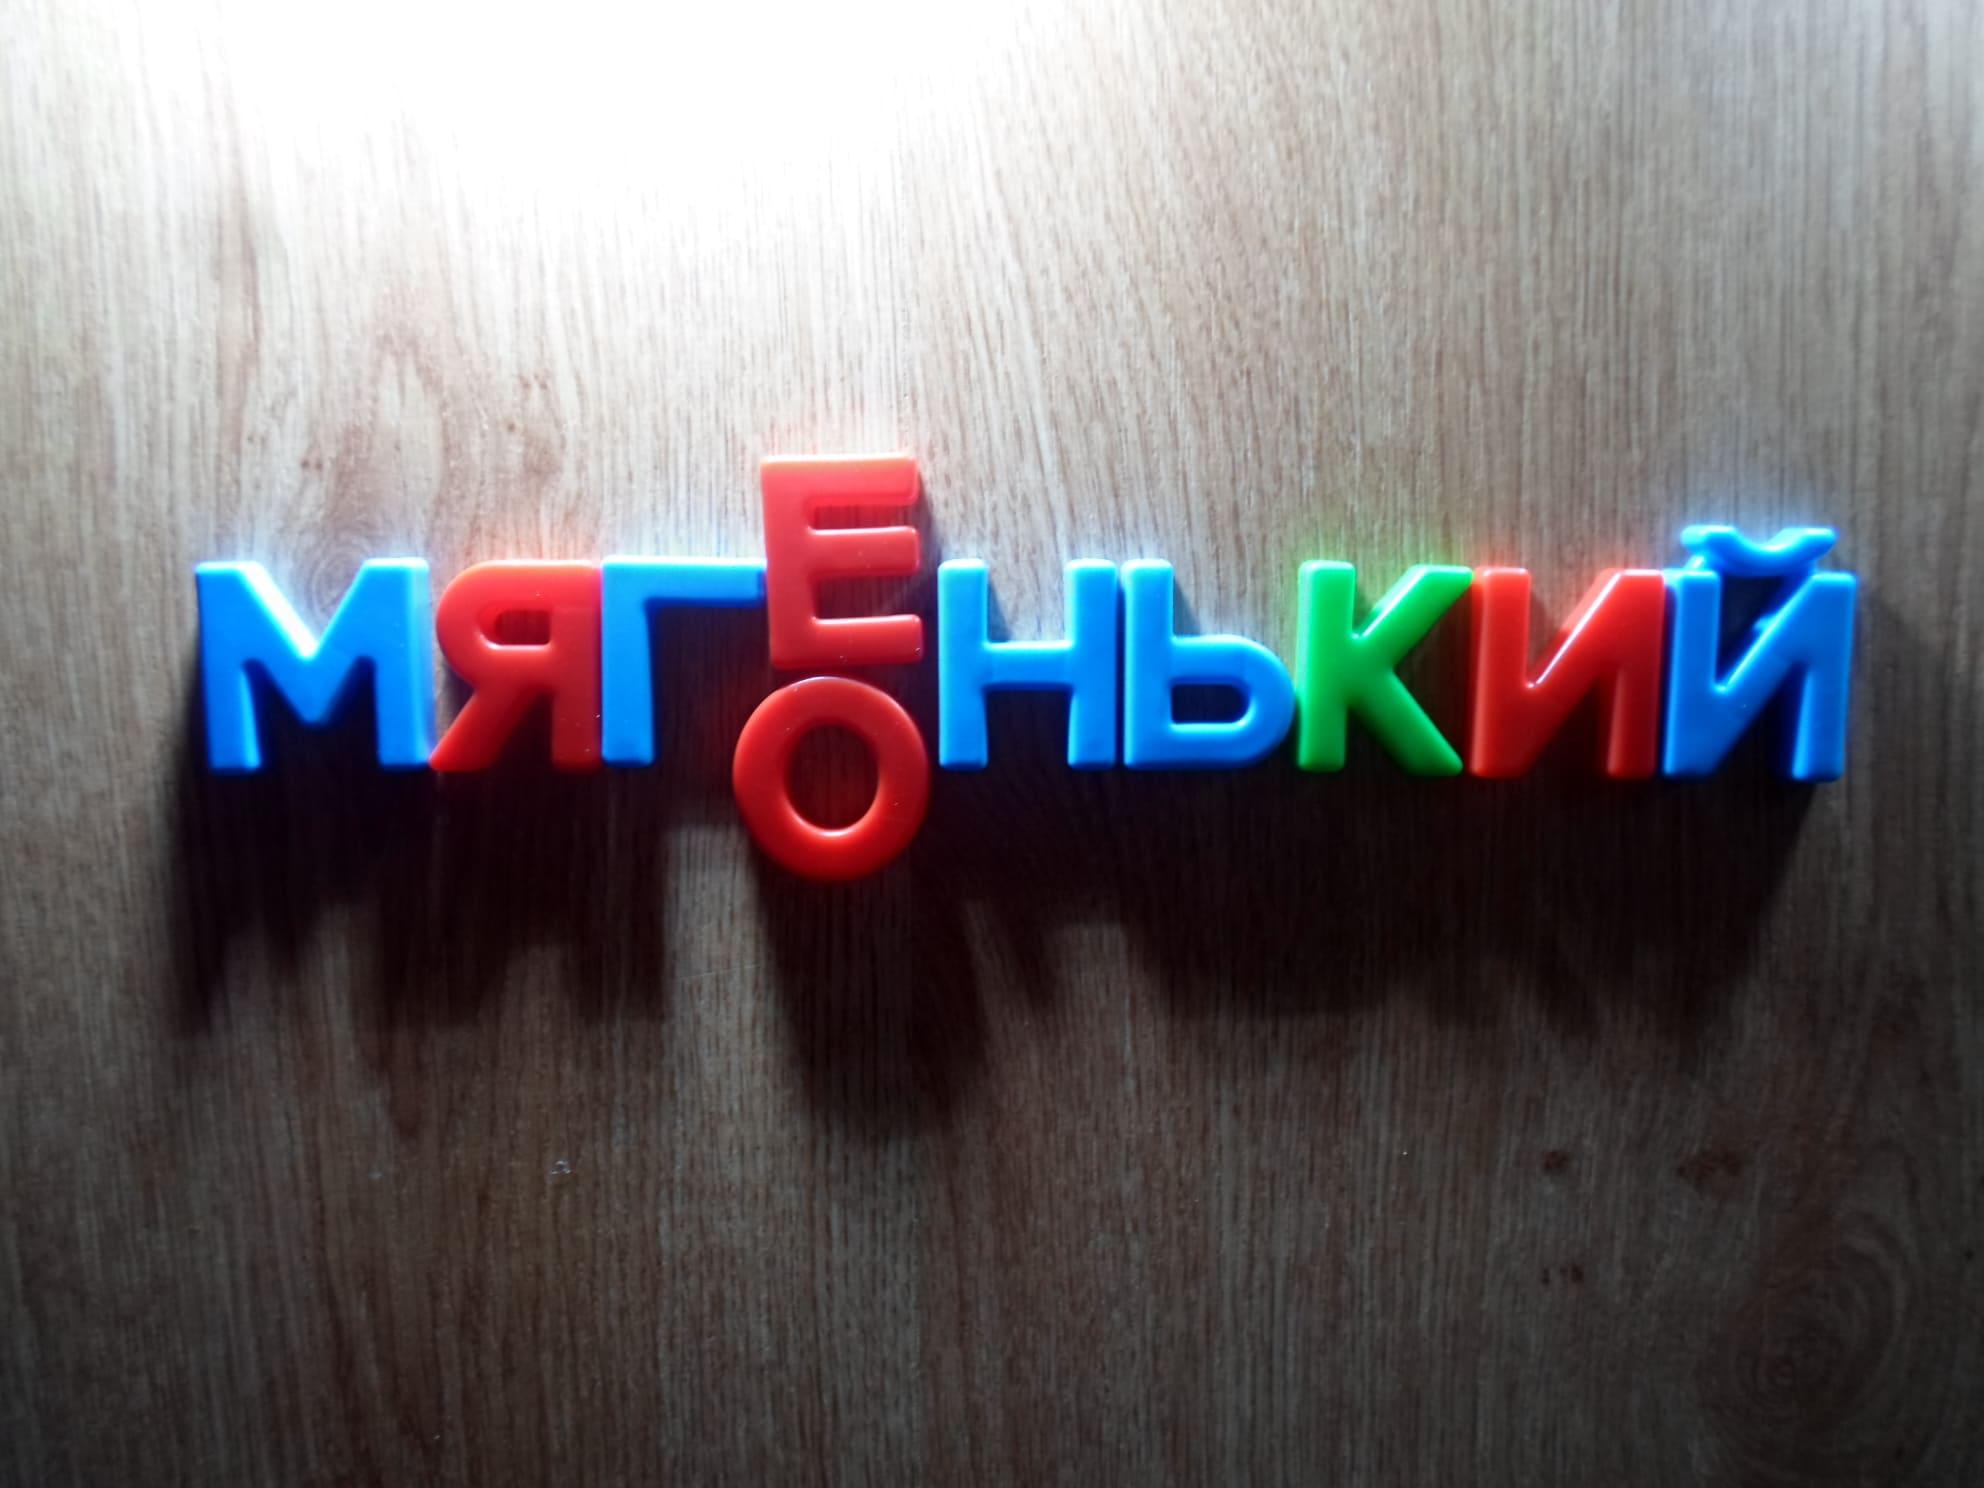 Как пишется гипертония? - Русский язык